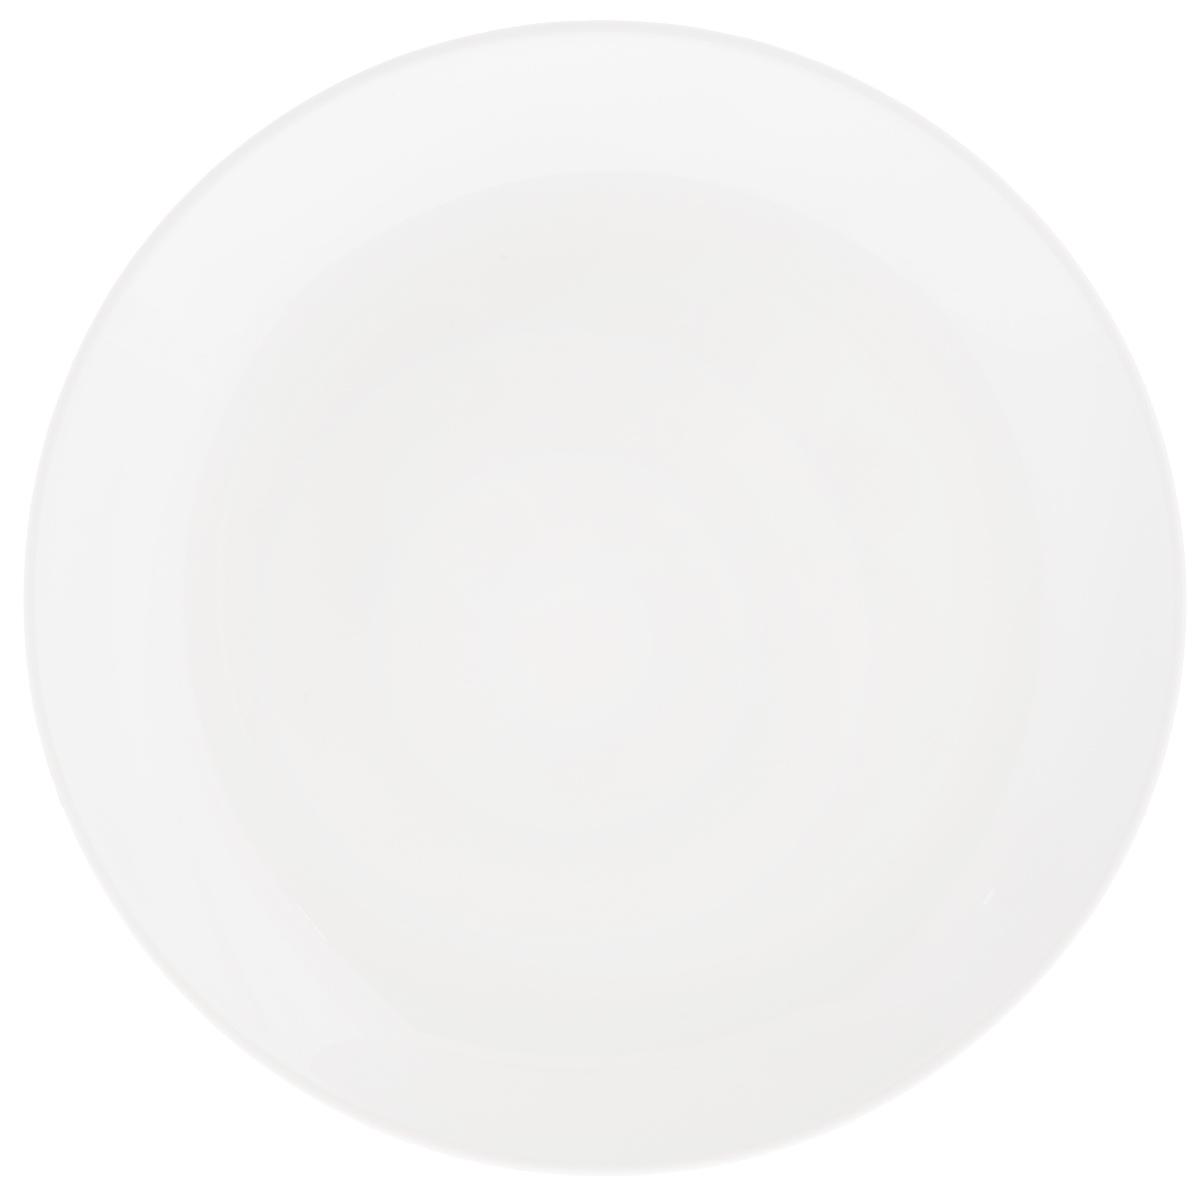 Тарелка десертная Luminarc Diwali, диаметр 19 см54 009312Десертная тарелка Luminarc Diwali, изготовленная из ударопрочного стекла, имеет изысканный внешний вид. Такая тарелка прекрасно подходит как для торжественных случаев, так и для повседневного использования. Идеальна для подачи десертов, пирожных, тортов и многого другого. Она прекрасно оформит стол и станет отличным дополнением к вашей коллекции кухонной посуды.